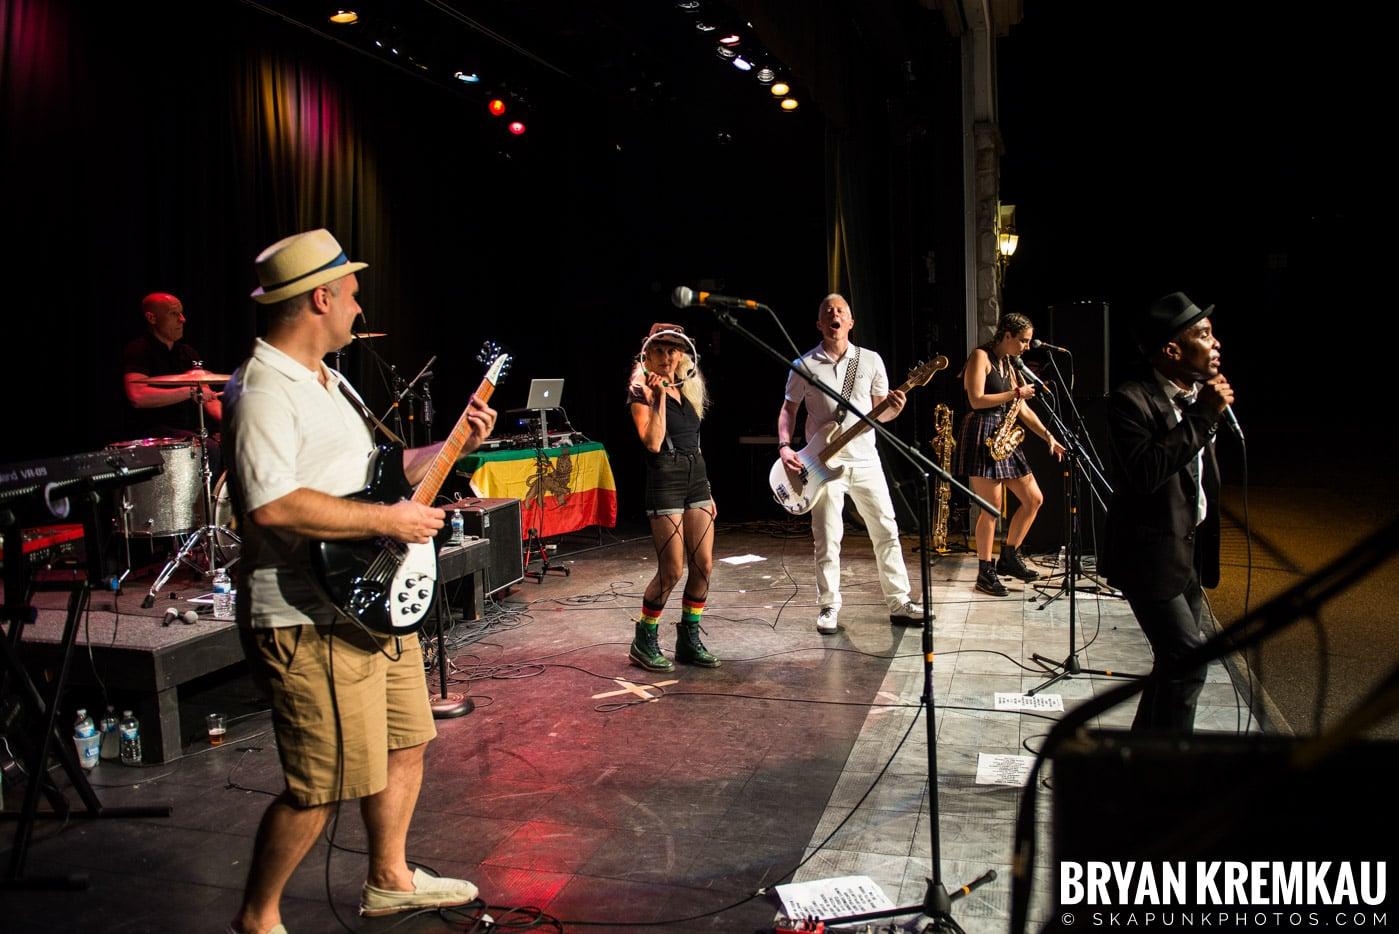 Rude Boy George @ Oskar Schindler Performing Arts Center, West Orange, NJ - 8.19.17 (16)